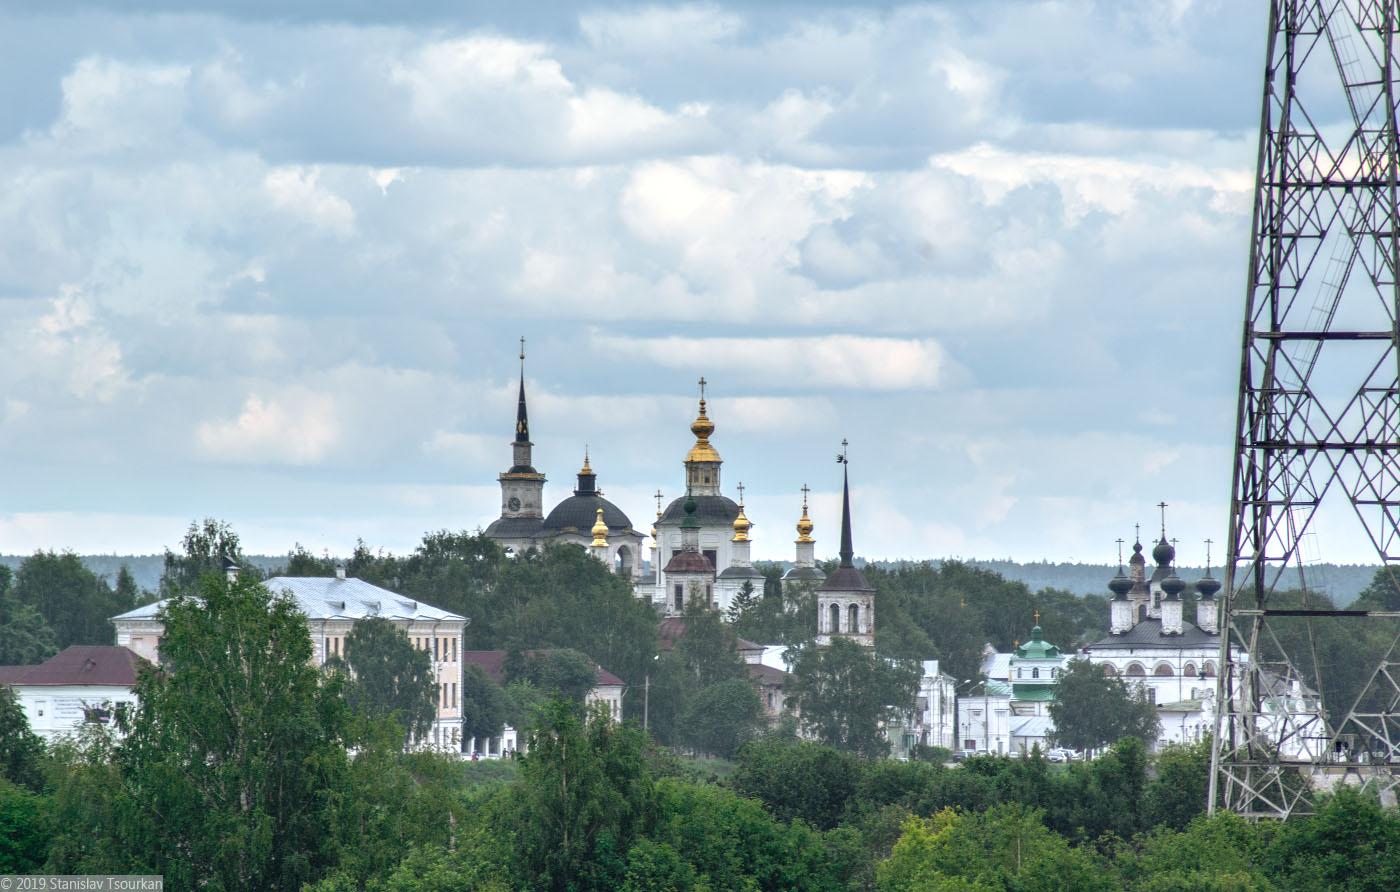 Вологодская область, Вологодчина, Великий устюг, Русский север, вышка